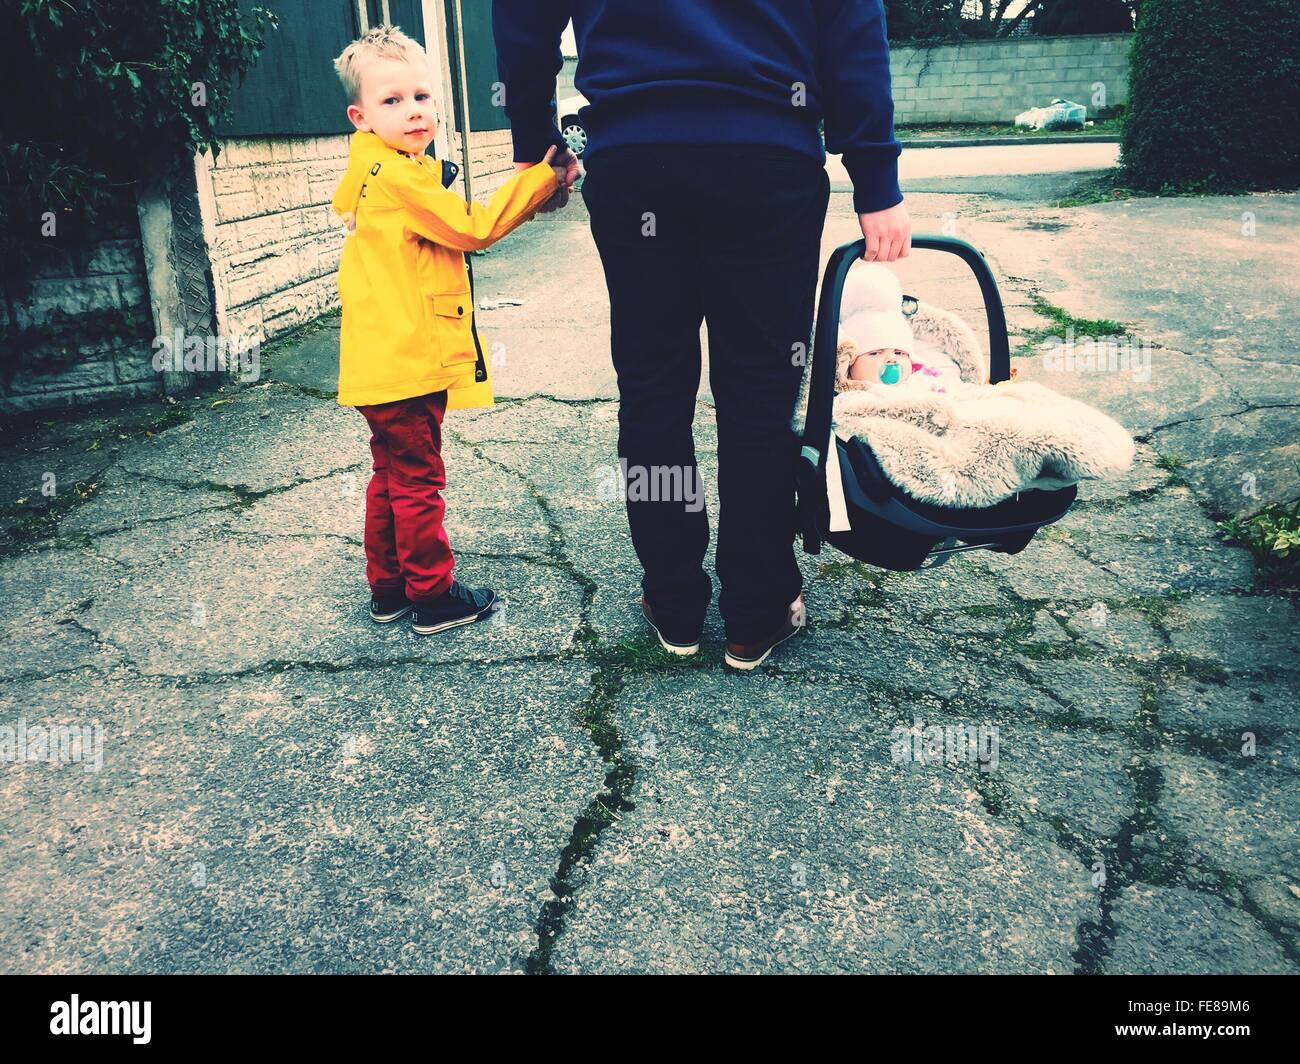 La section basse de Père Holding Children Photo Stock